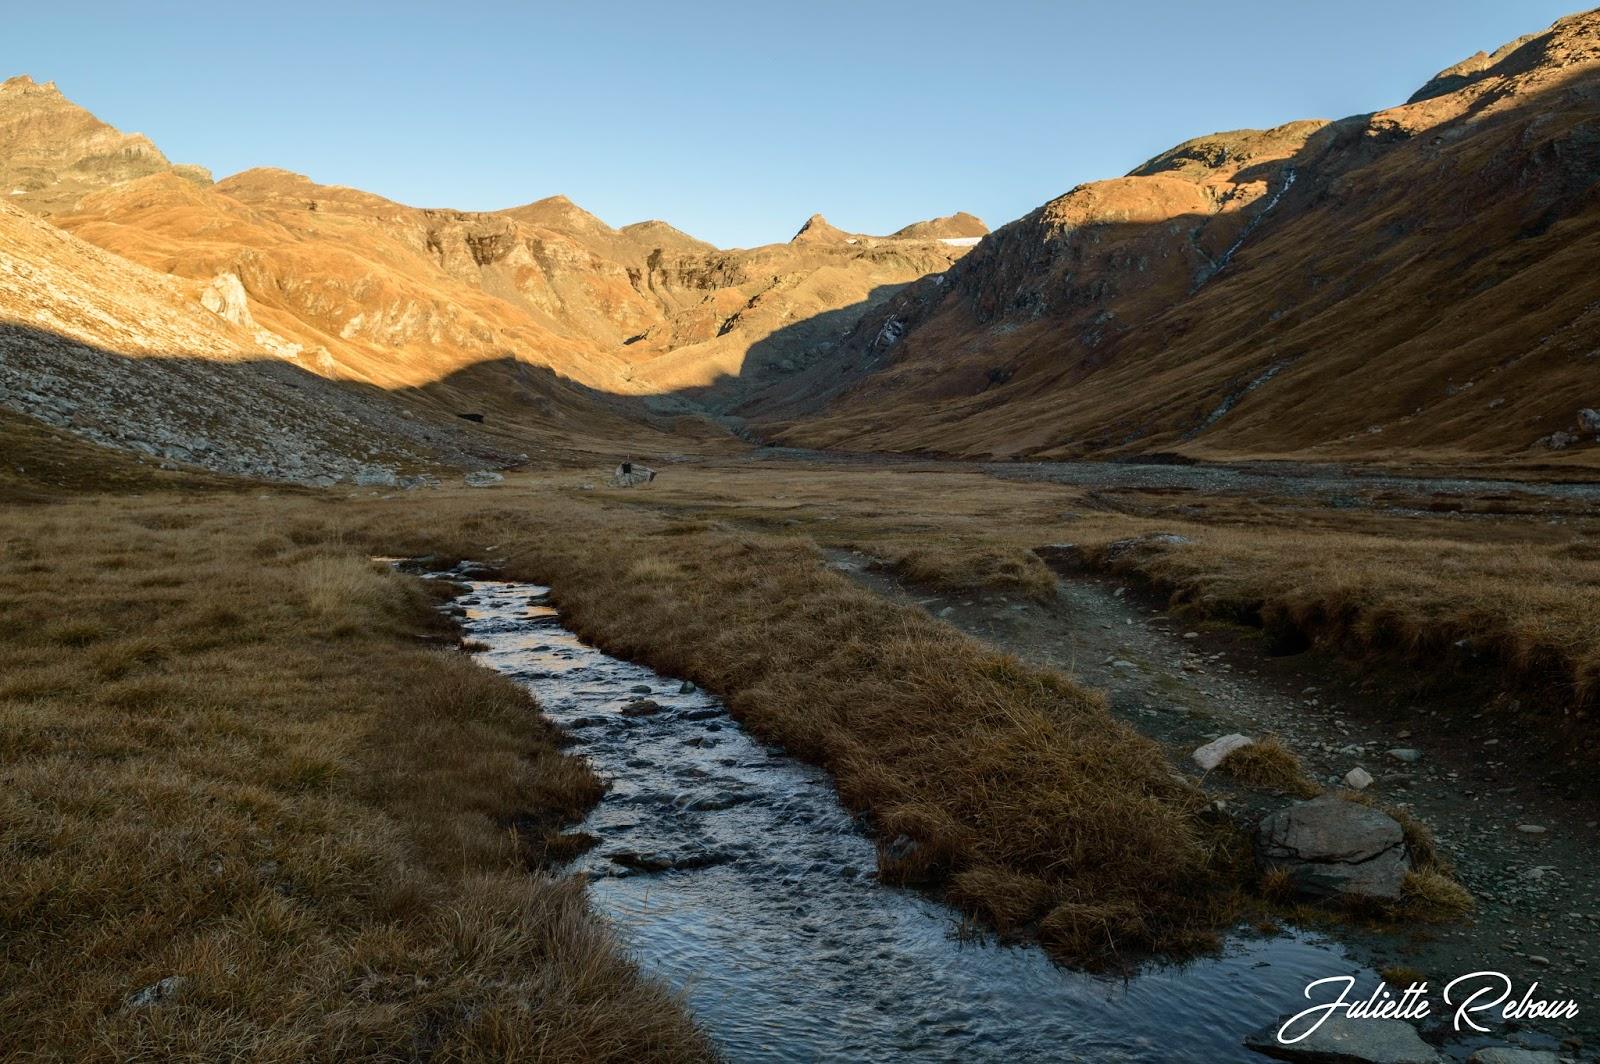 Randonnée en automne dans le Parc National de la Vanoise